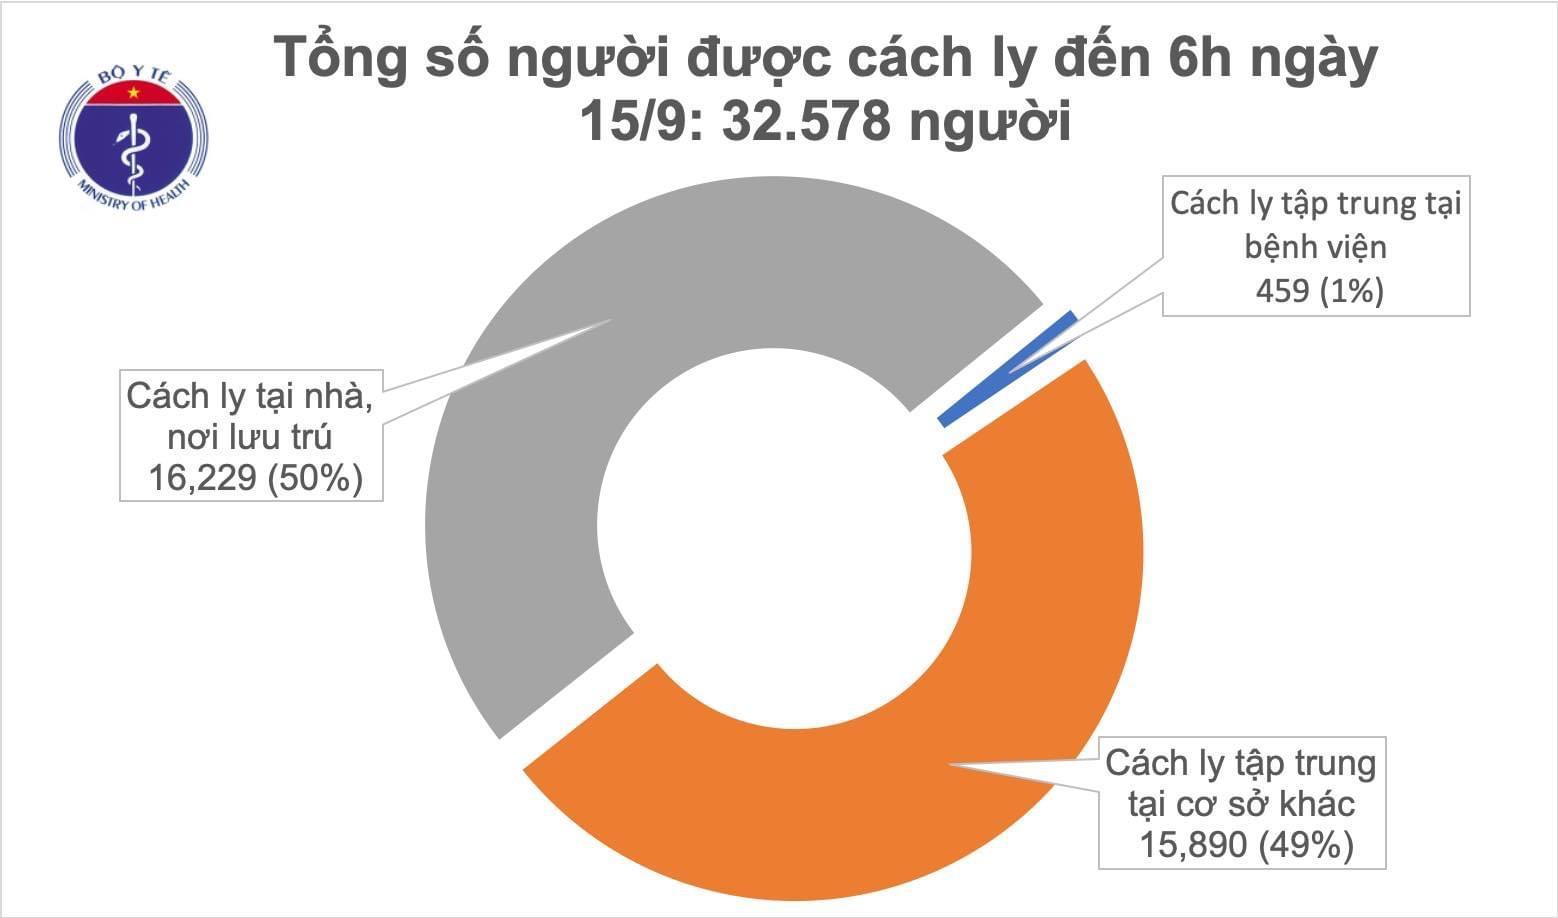 Cập nhật tình hình dịch COVID-19 ngày 15/9: Thế giới hơn 900.000 ca tử vong do đại dịch  - Ảnh 1.